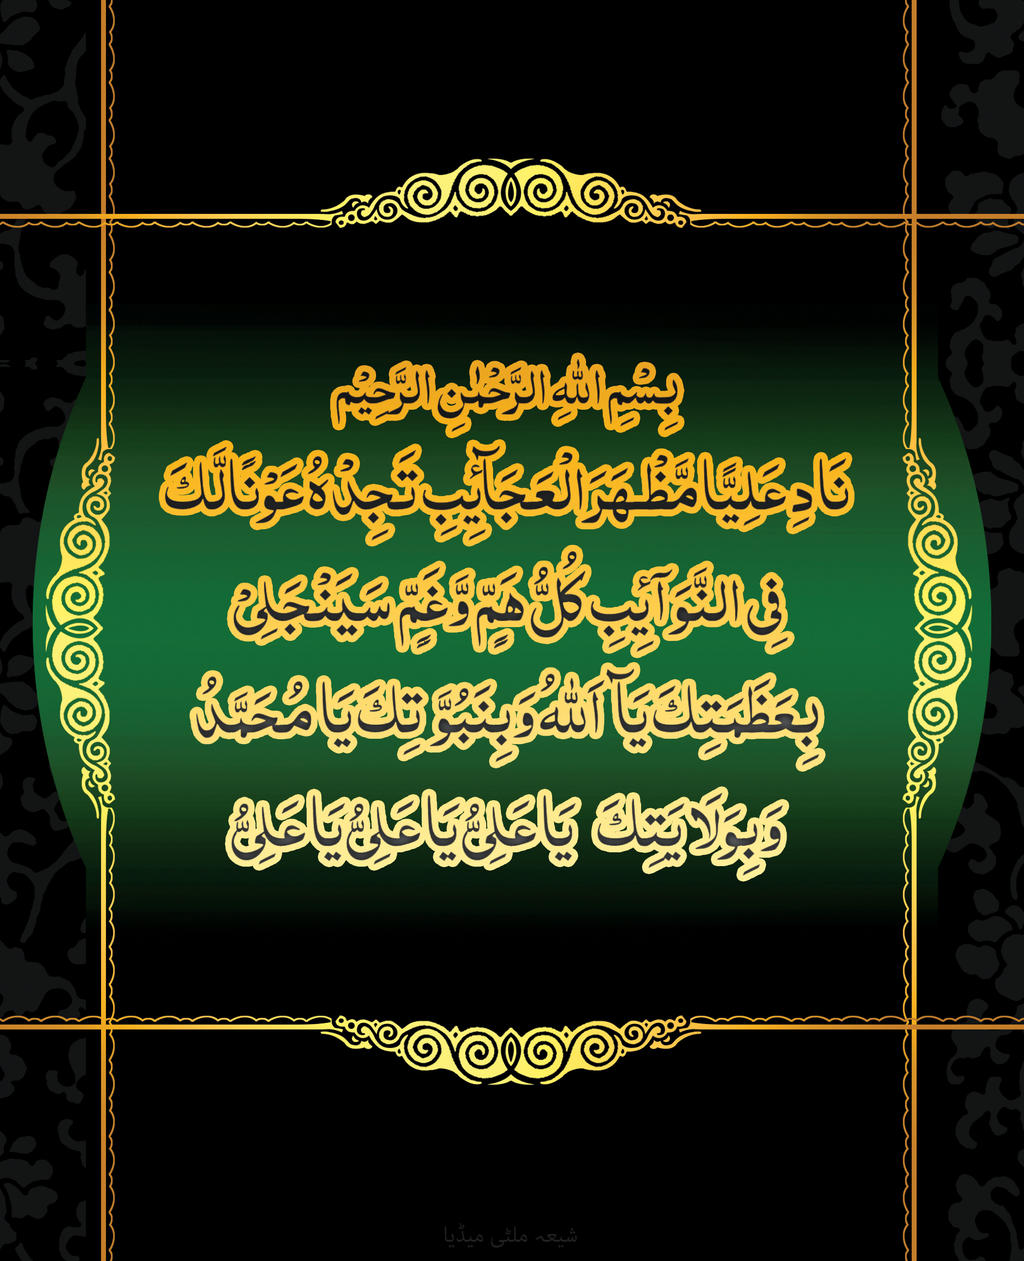 دانلود دعای چهل کلید صوتی Pin Nade Ali on Pinterest